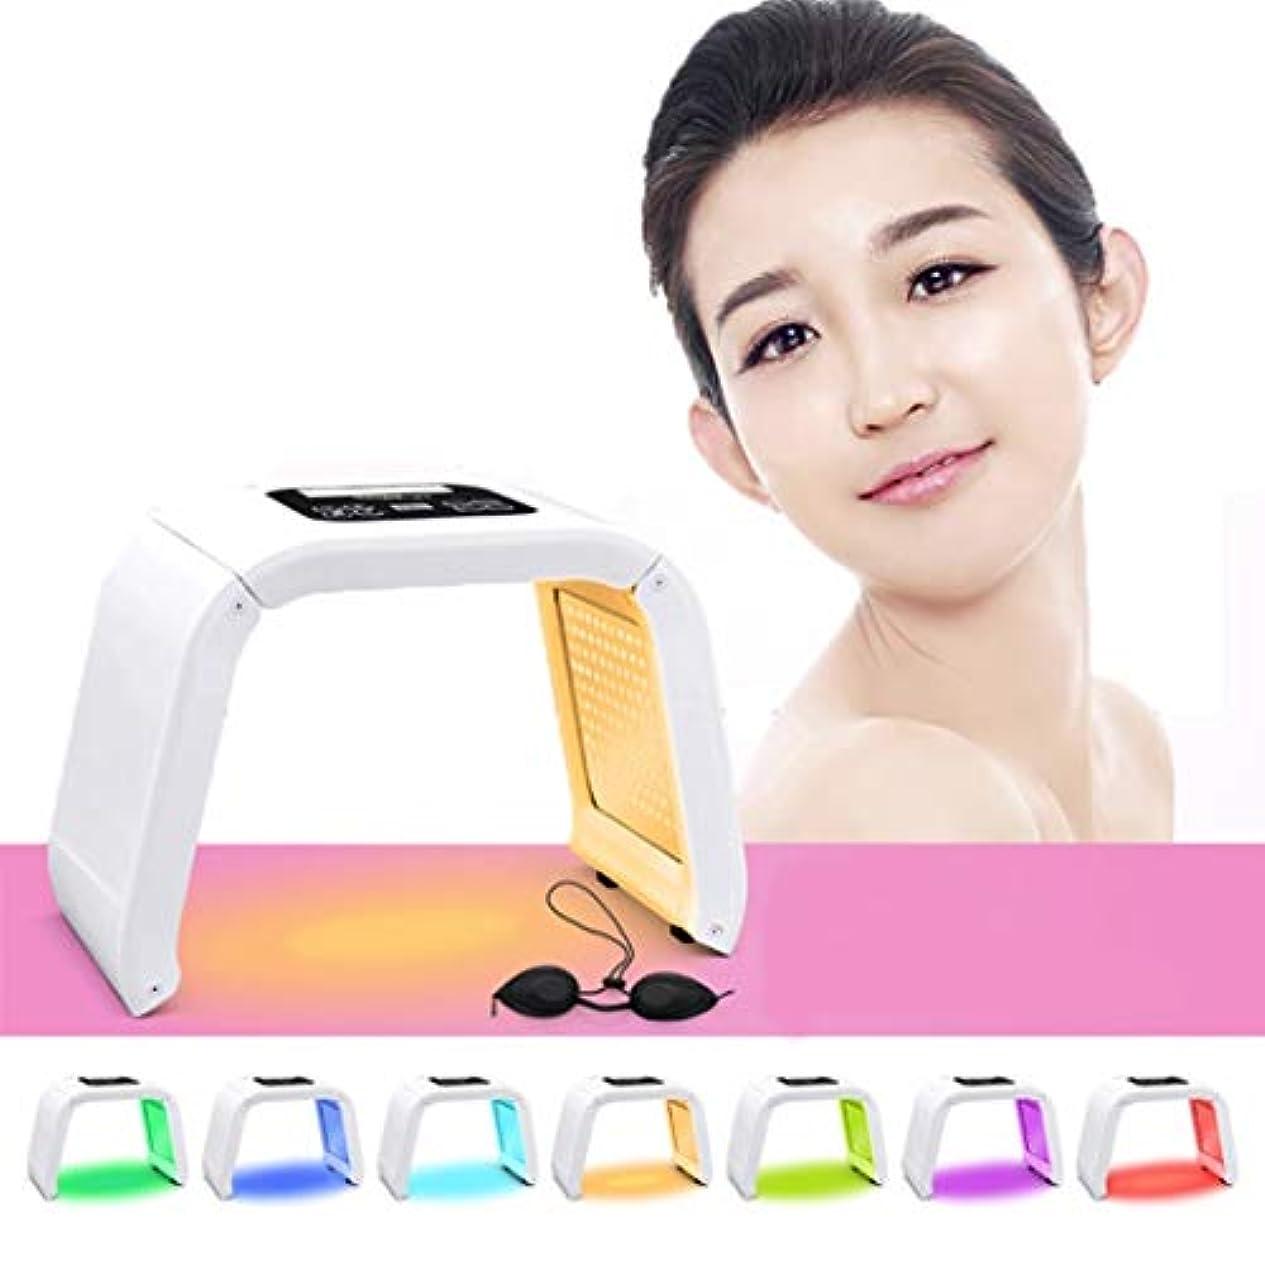 幻想的履歴書模倣LZPZP 健康な肌のための美容マシンの肌の若返りLED機器、若返りコラーゲンPDTにきび治療しわ除去アンチエイジング LZPZP